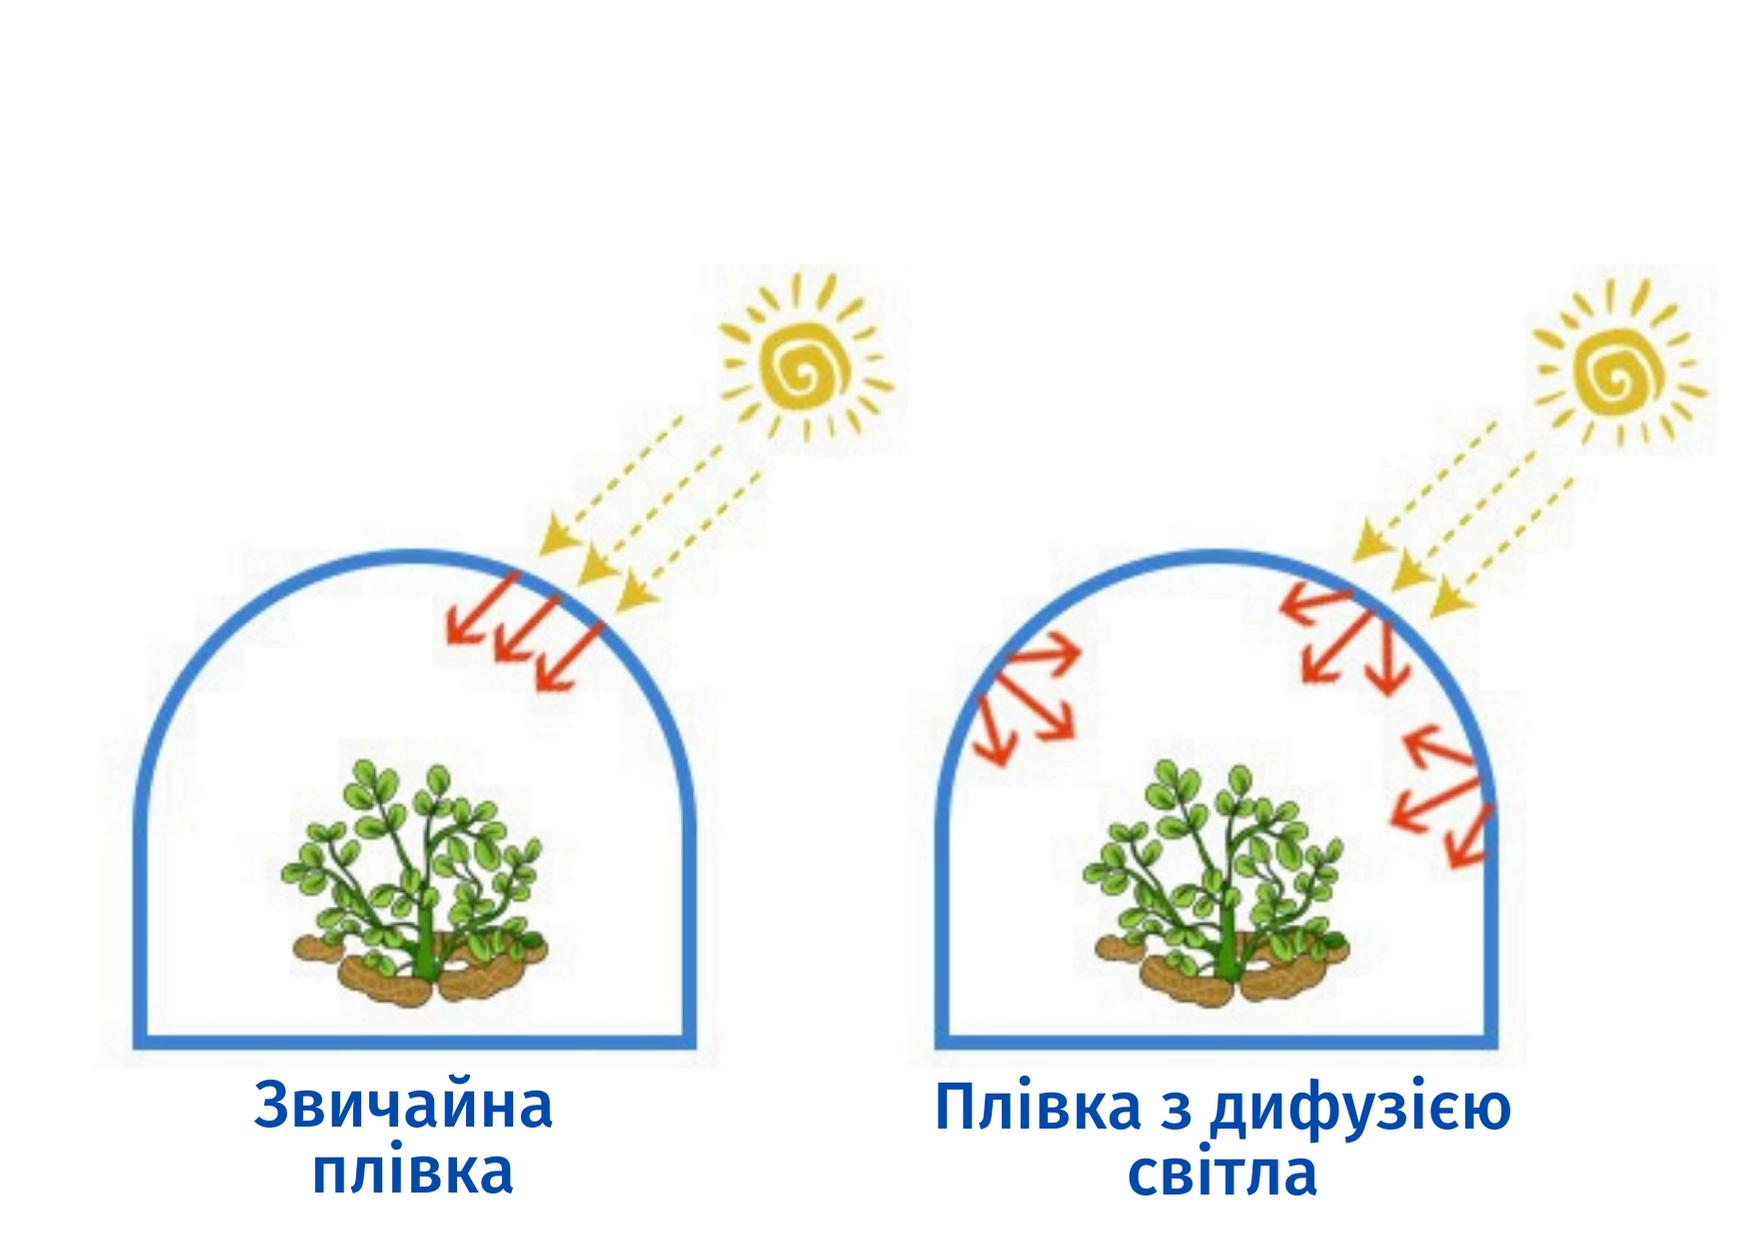 Теплична плівка з ефектом розсіювання сонячного світла